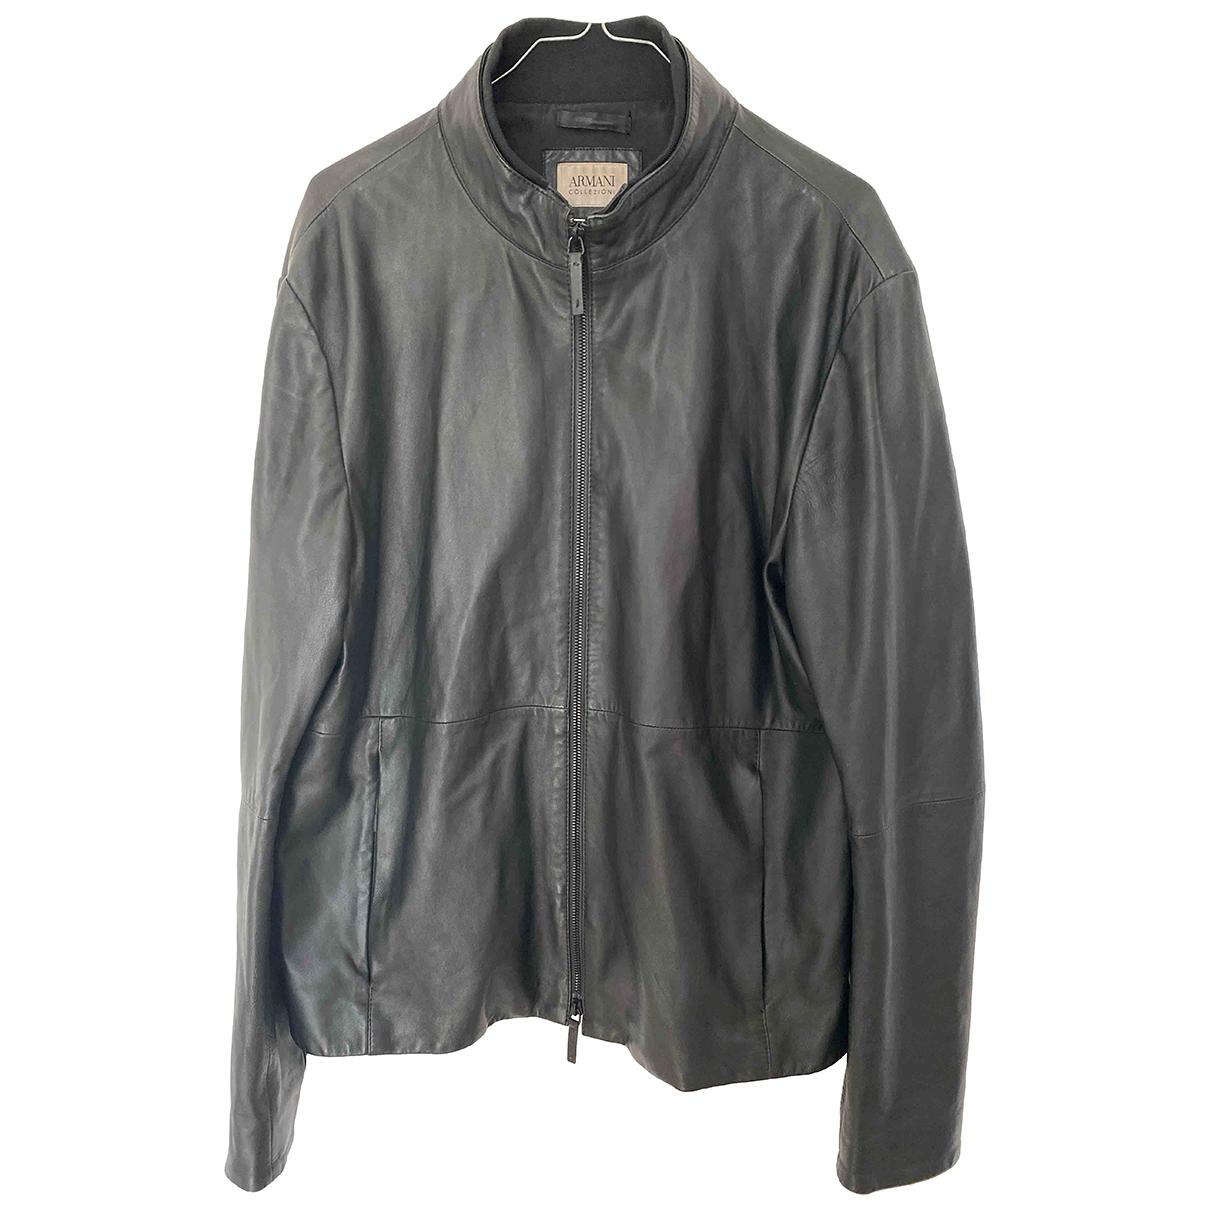 Armani Collezioni - Vestes.Blousons   pour homme en cuir - noir